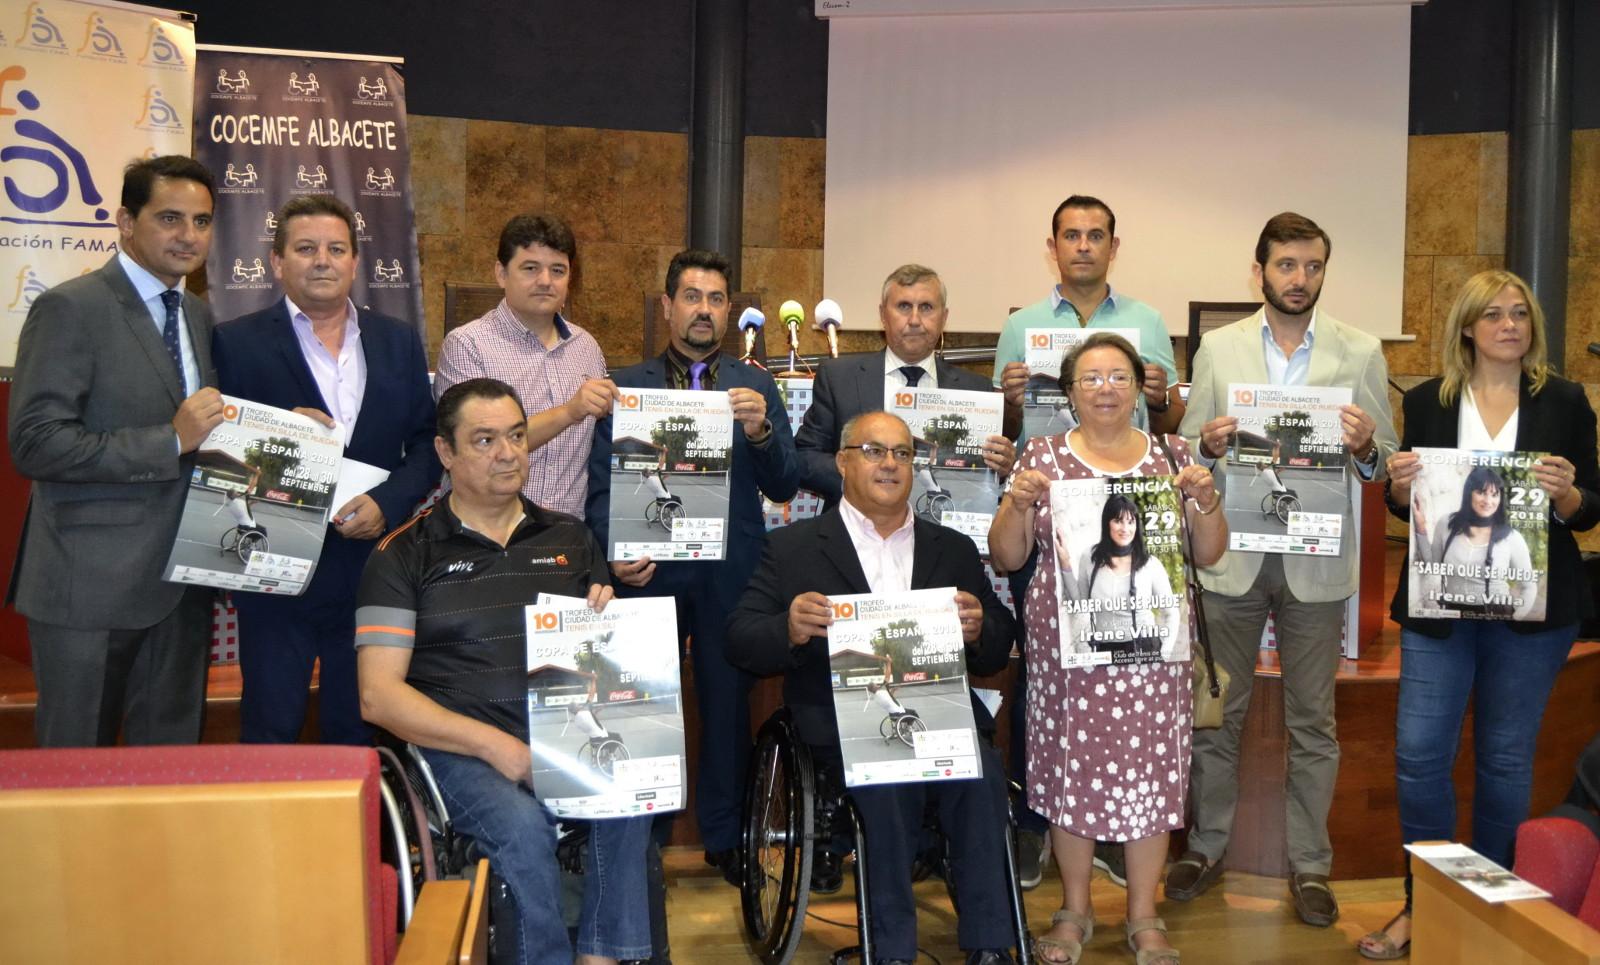 Presentación del X Trofeo Ciudad de Albacete de Tenis en silla de ruedas